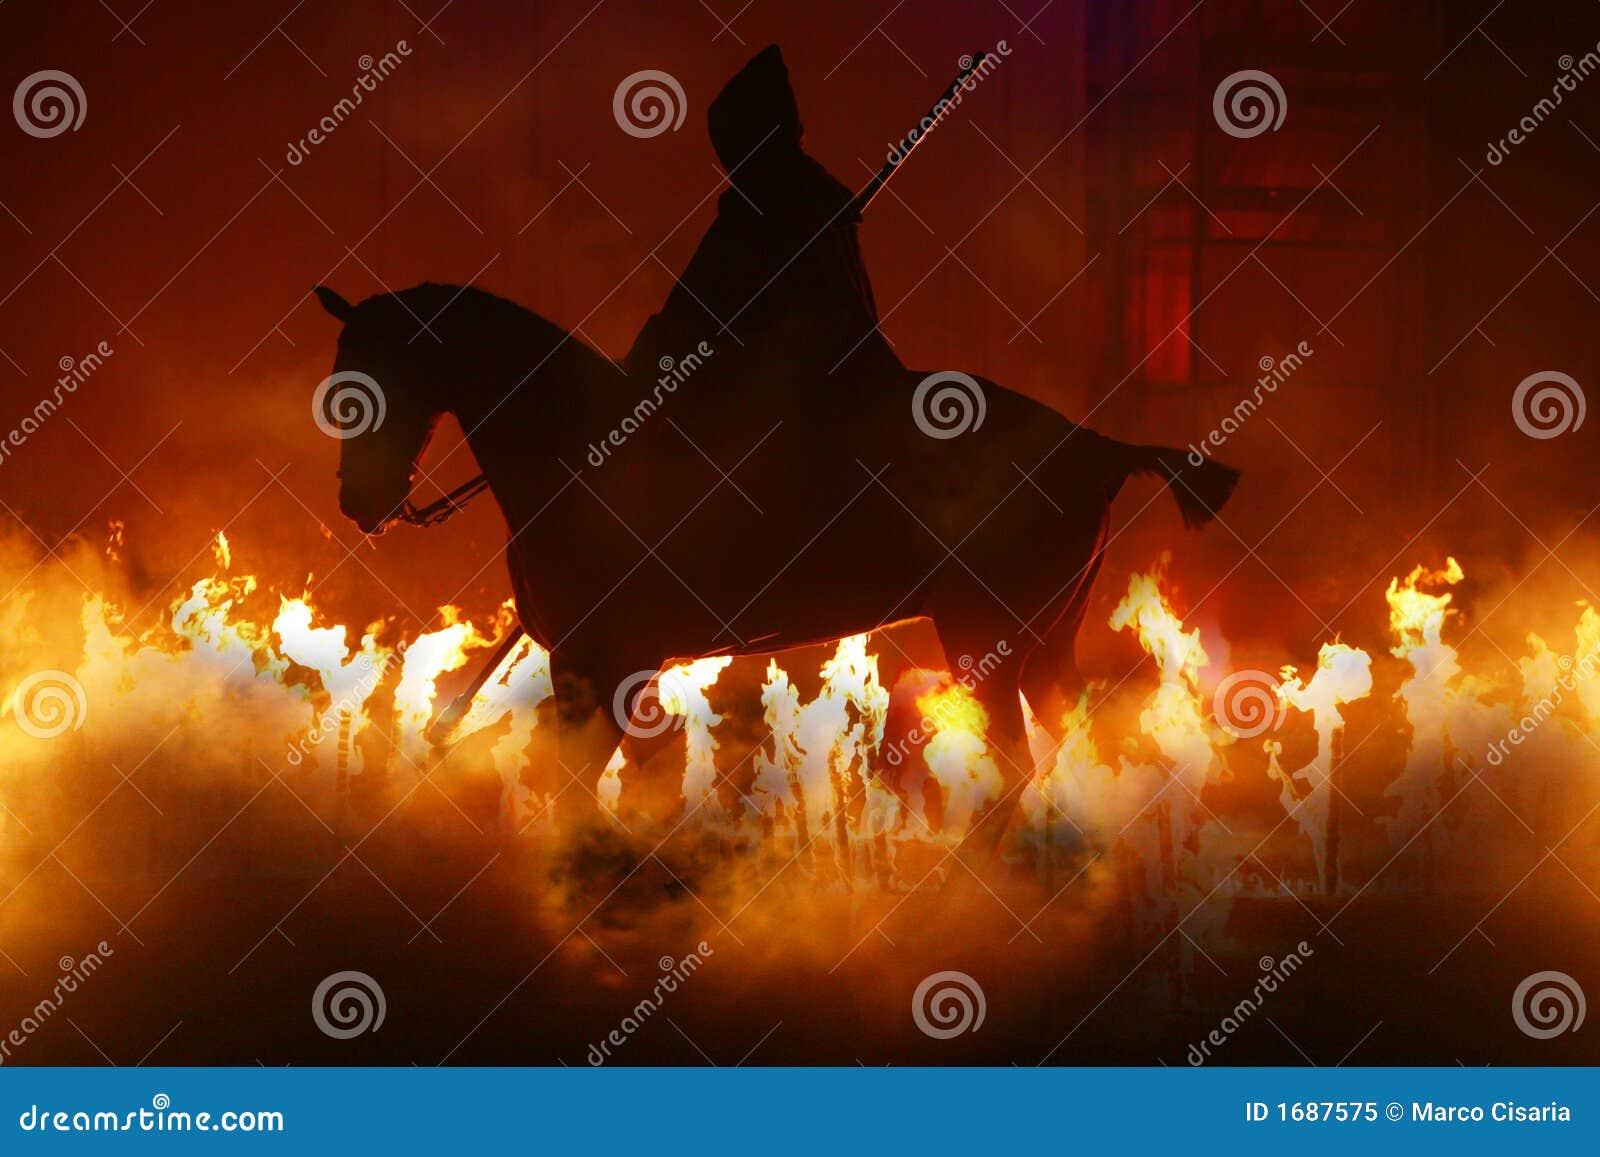 Pferd und Feuer